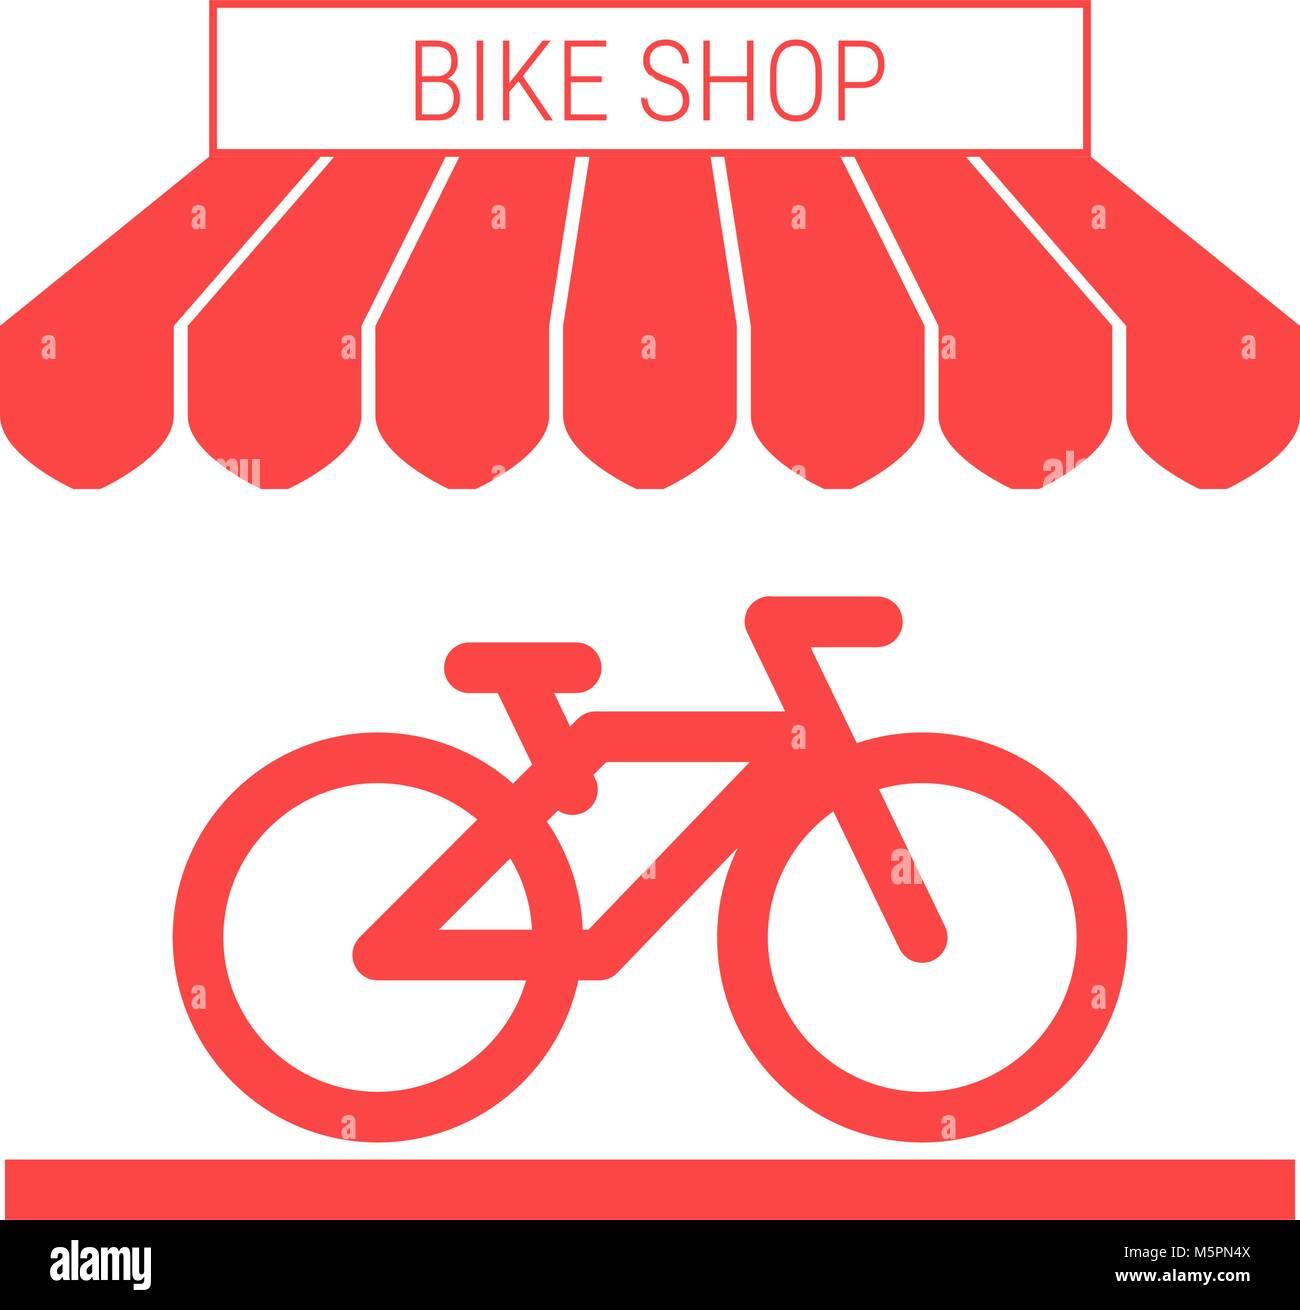 Bicycle Shop Sign Stock Photos Amp Bicycle Shop Sign Stock